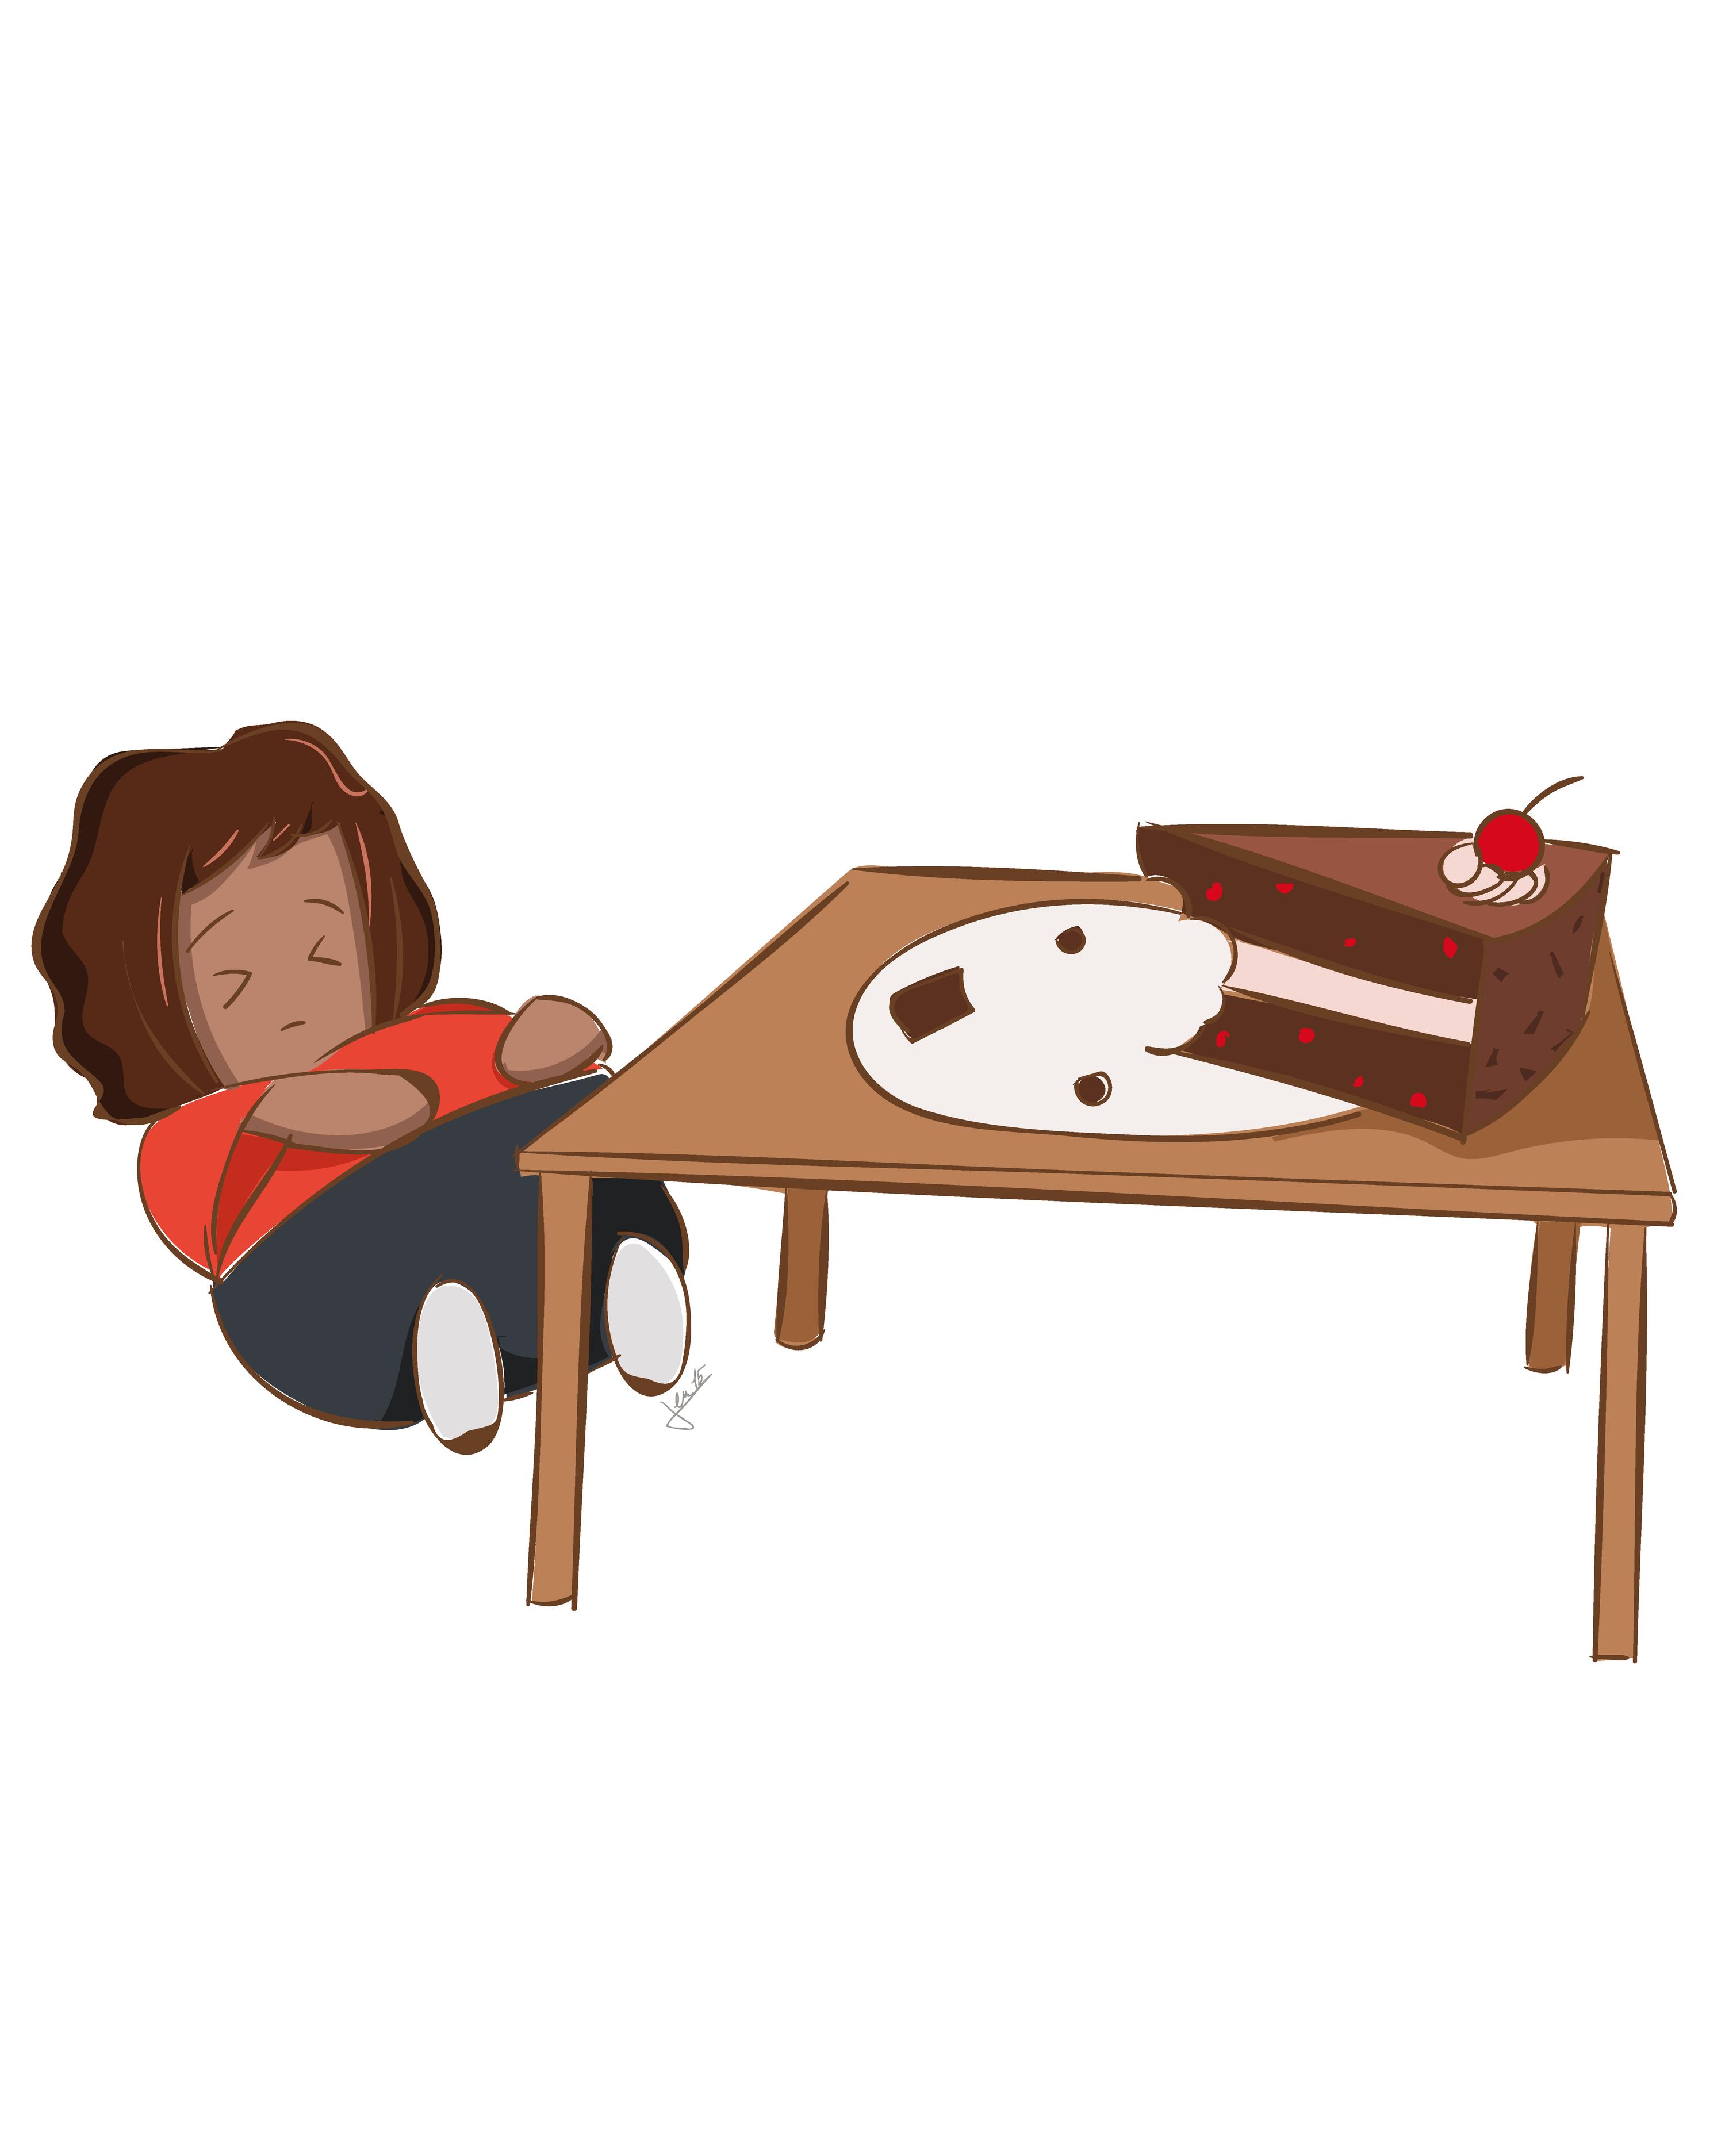 Ex. 1 Trop de gâteau